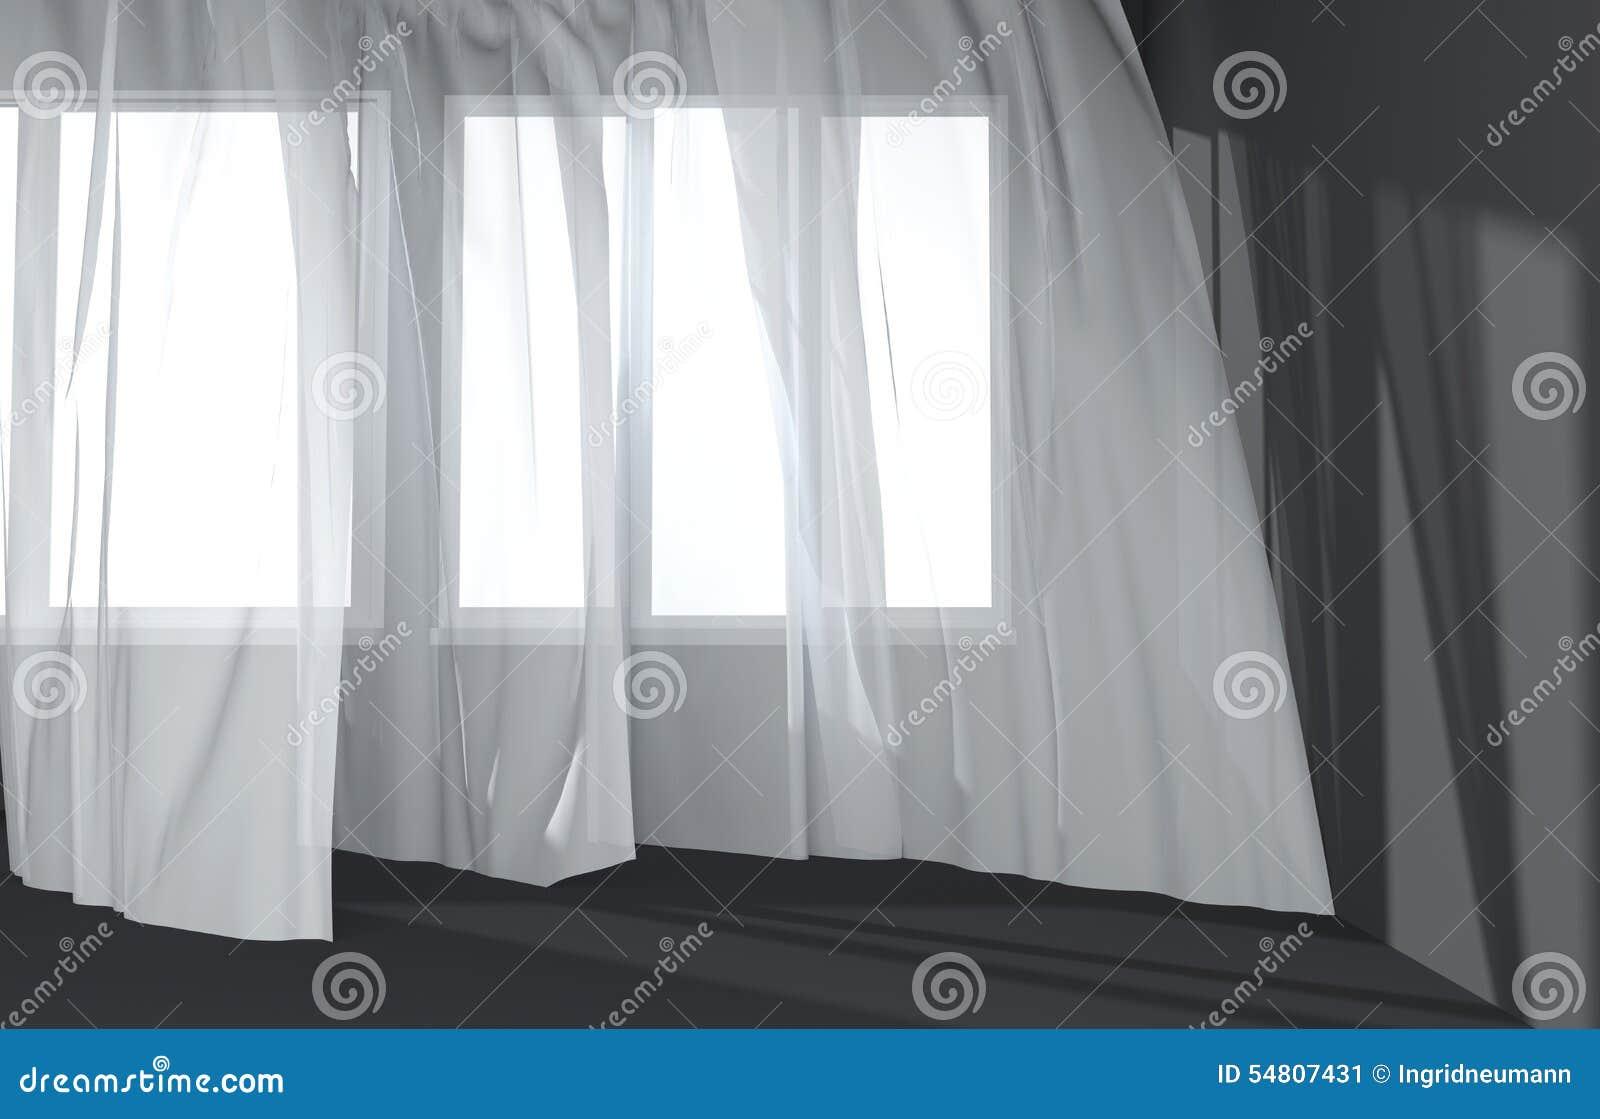 Moderner Raum-Innenraum Mit Weißen Vorhängen Und Sonnenlicht Stock ...